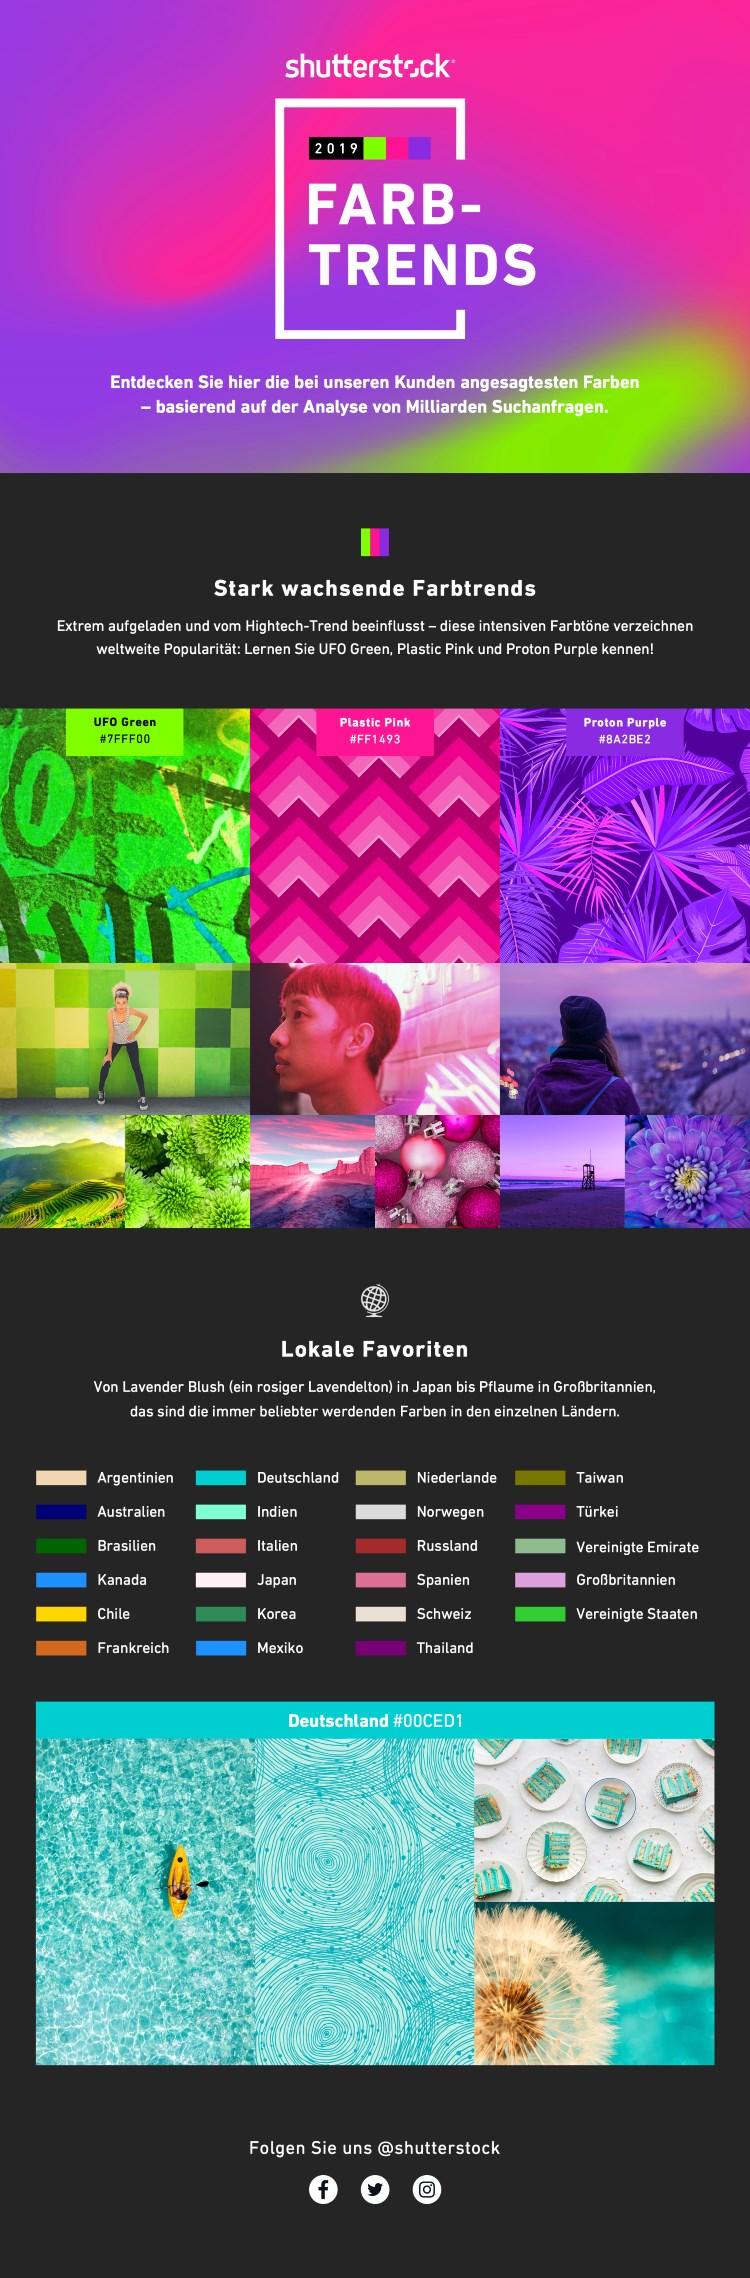 Br24 Blog Shutterstock Farbtrends 2019: Infografik über die Farbtrends 2019 mit UFO Green, Plastic Pink, Proton Purple und den lokalen Favoriten